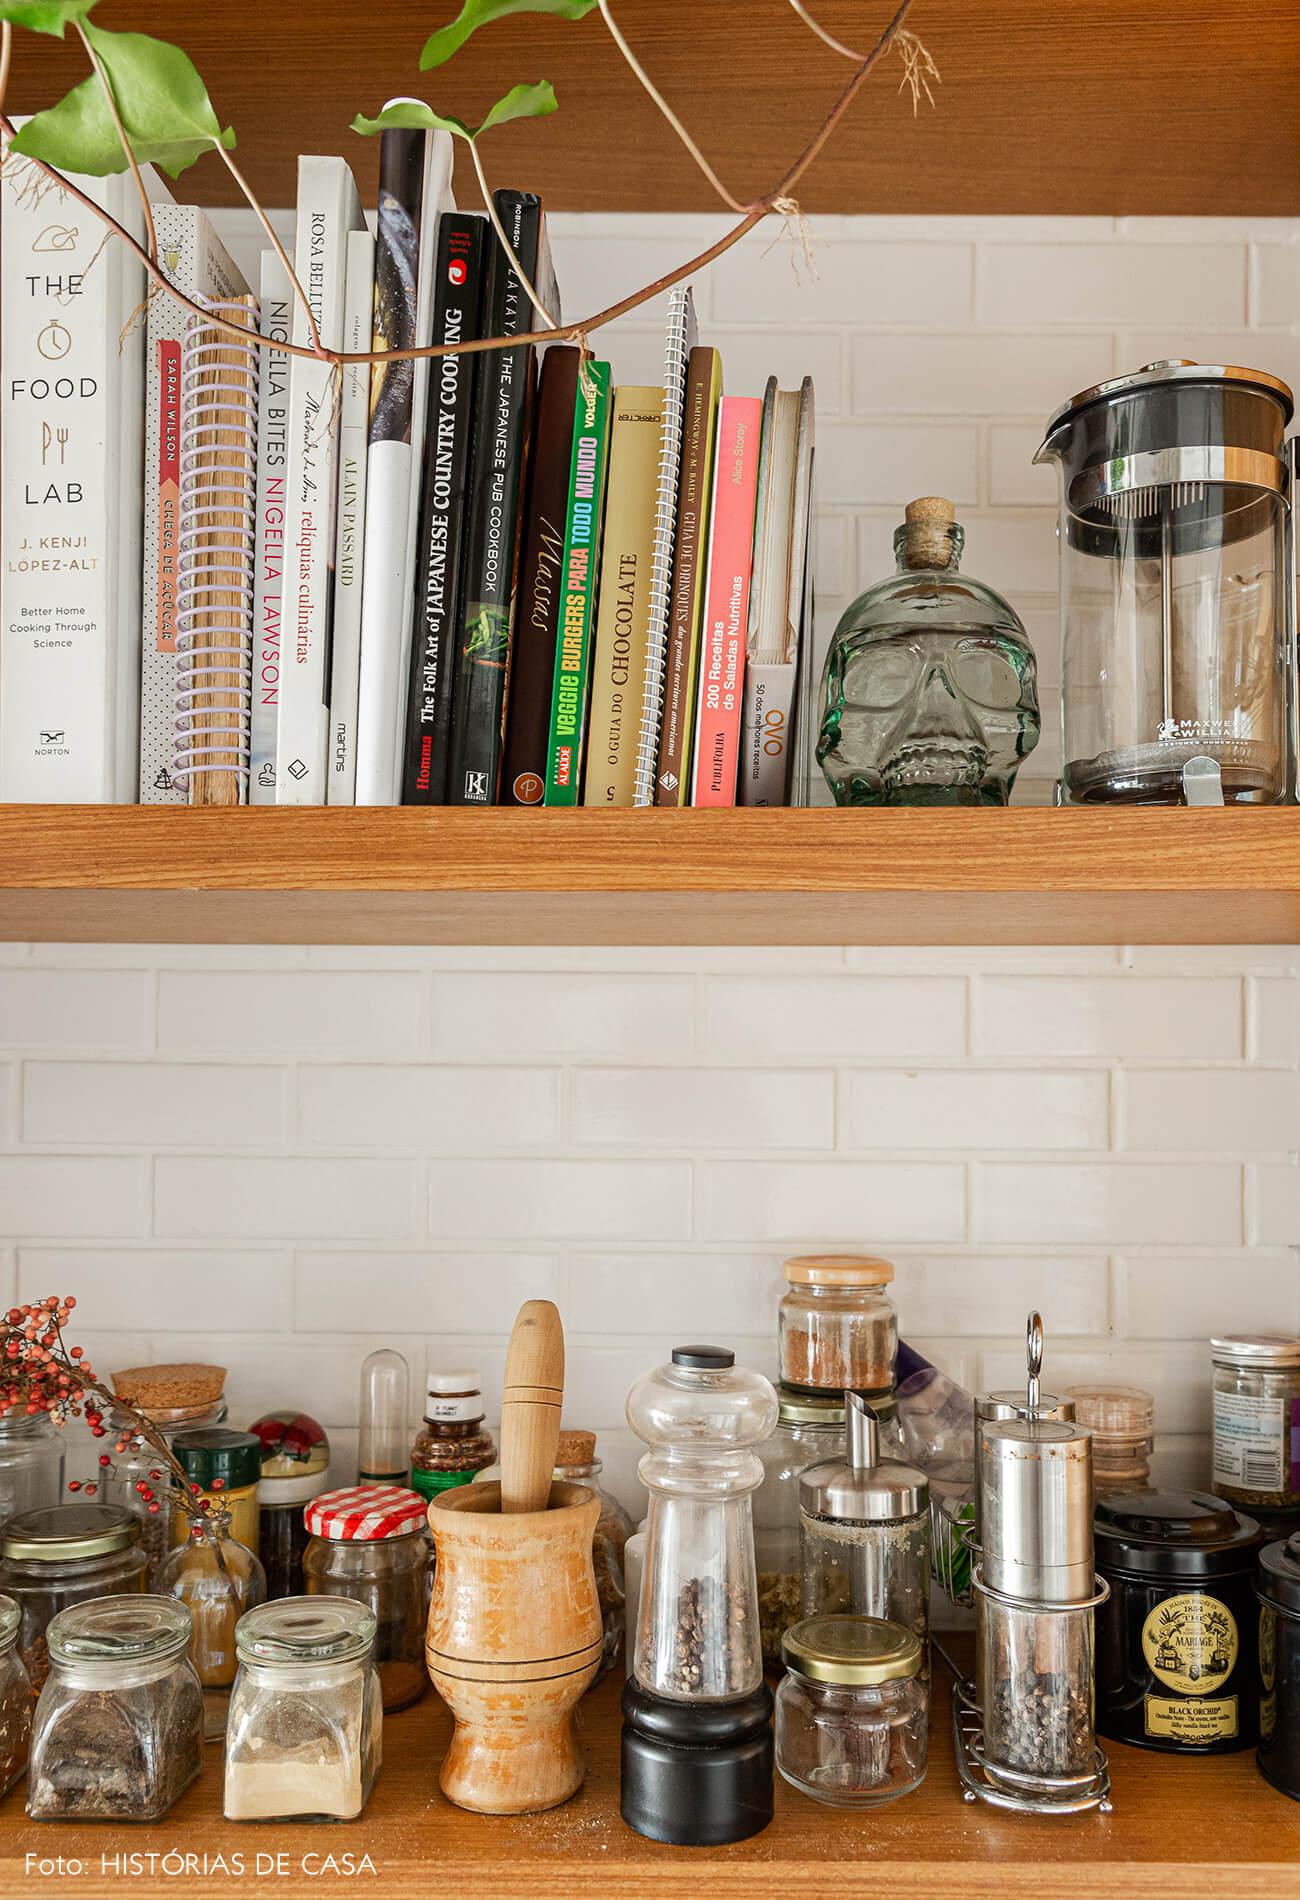 Apartamento térreo, cozinha com prateleiras abertas para os temperos